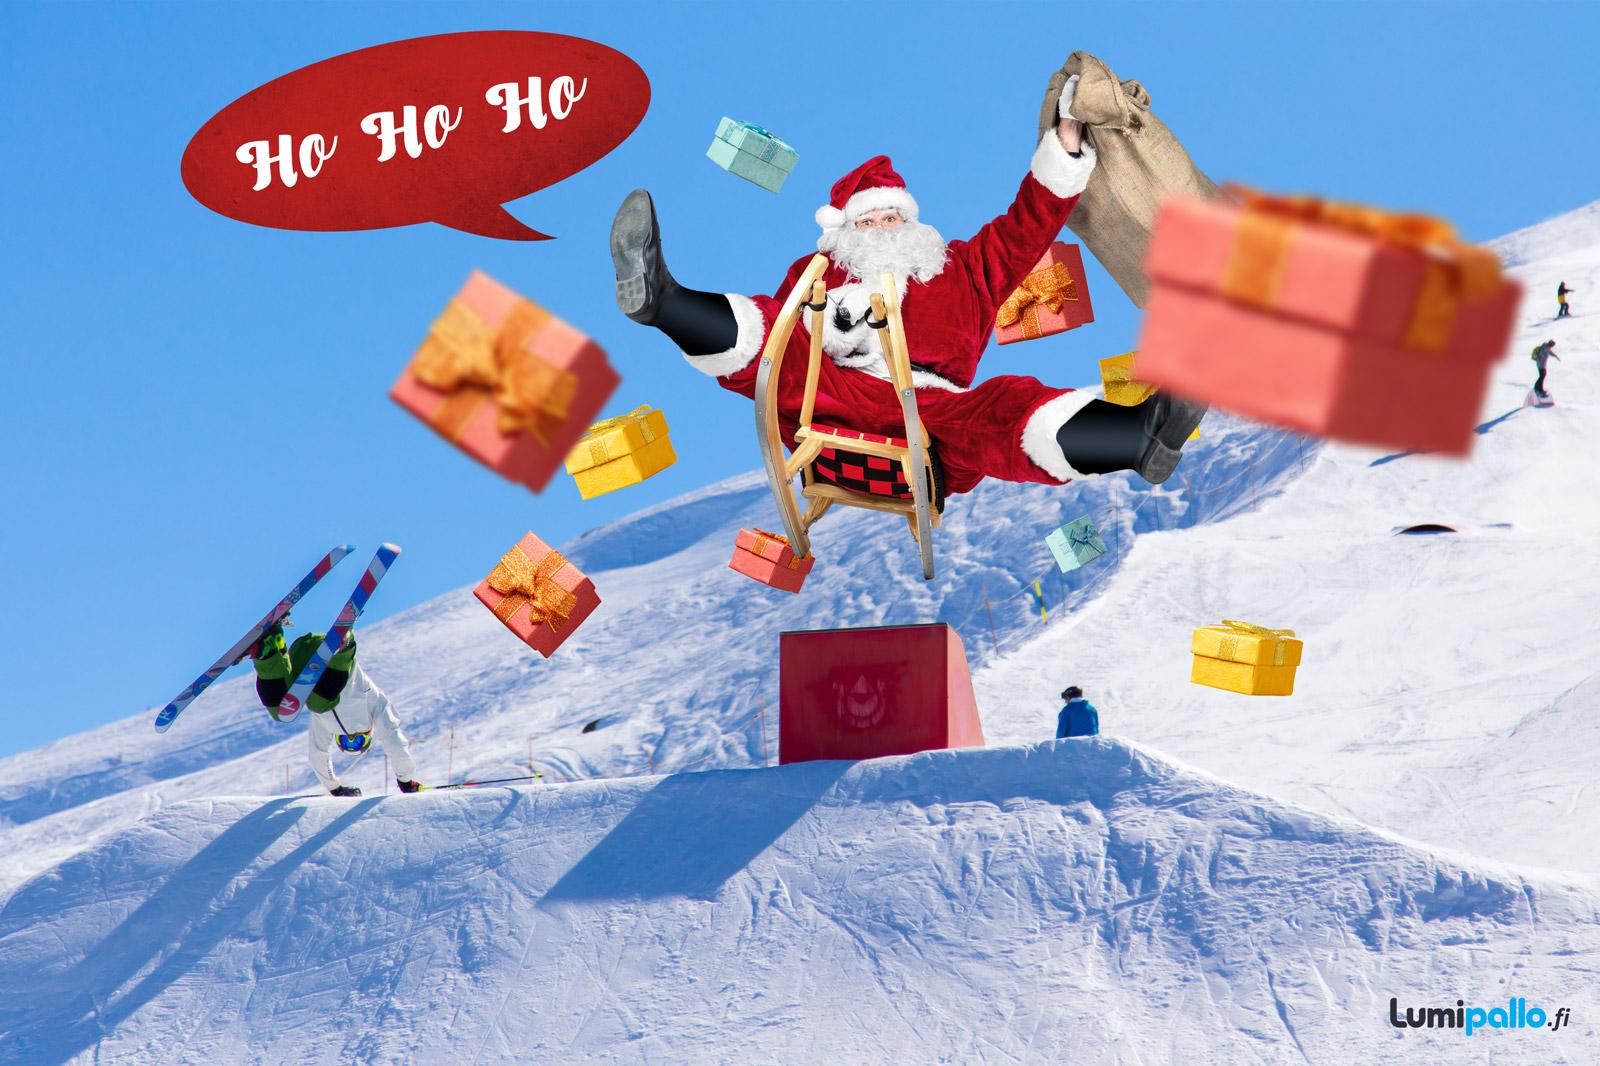 Ho, Ho, Ho, karjaisee pukki pulkkamäessä!